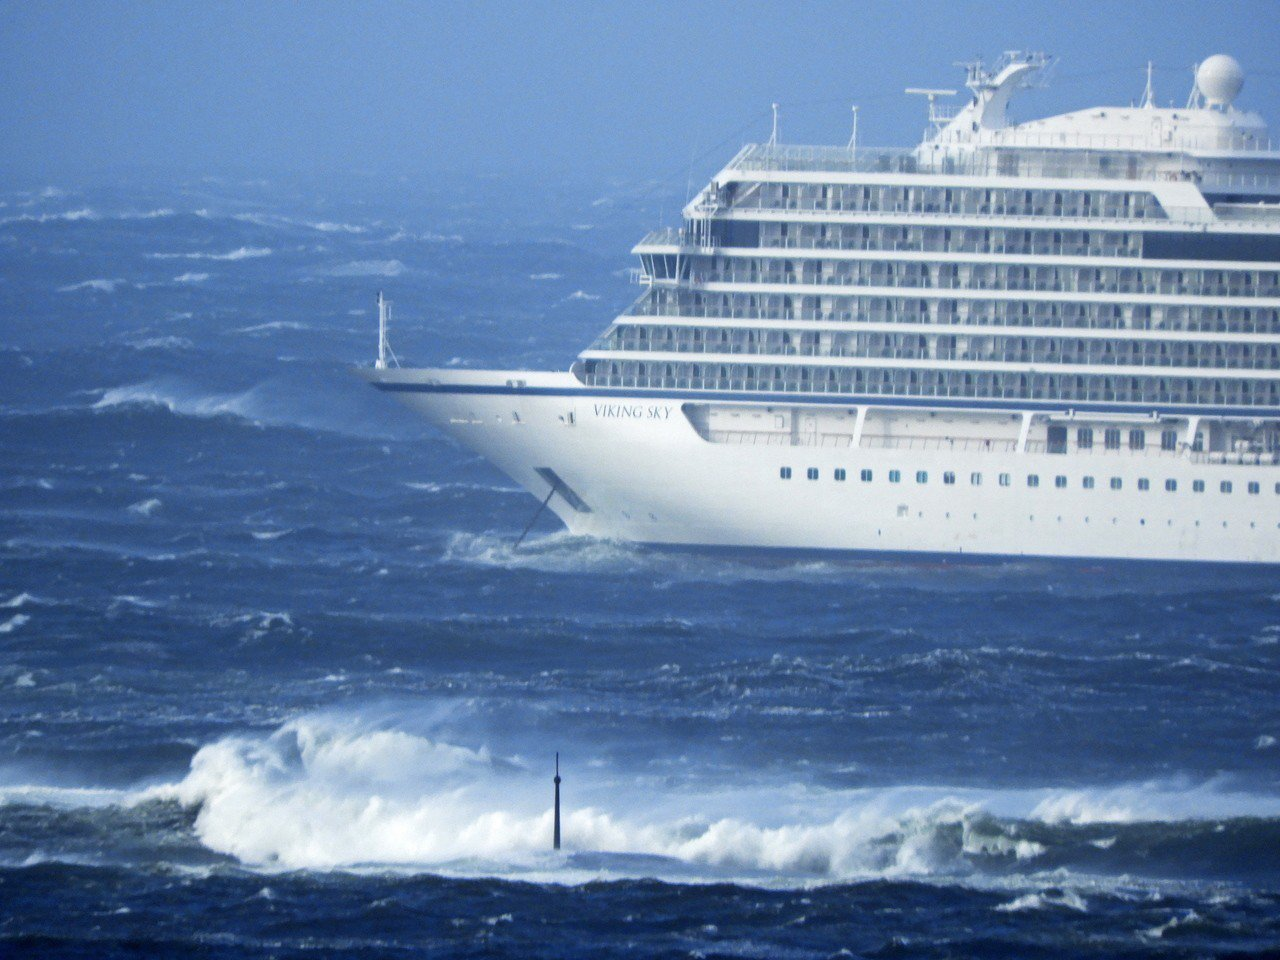 瑞士維京郵輪載有1300名乘客和船員的郵輪23日因引擎故障受困海上。歐新社